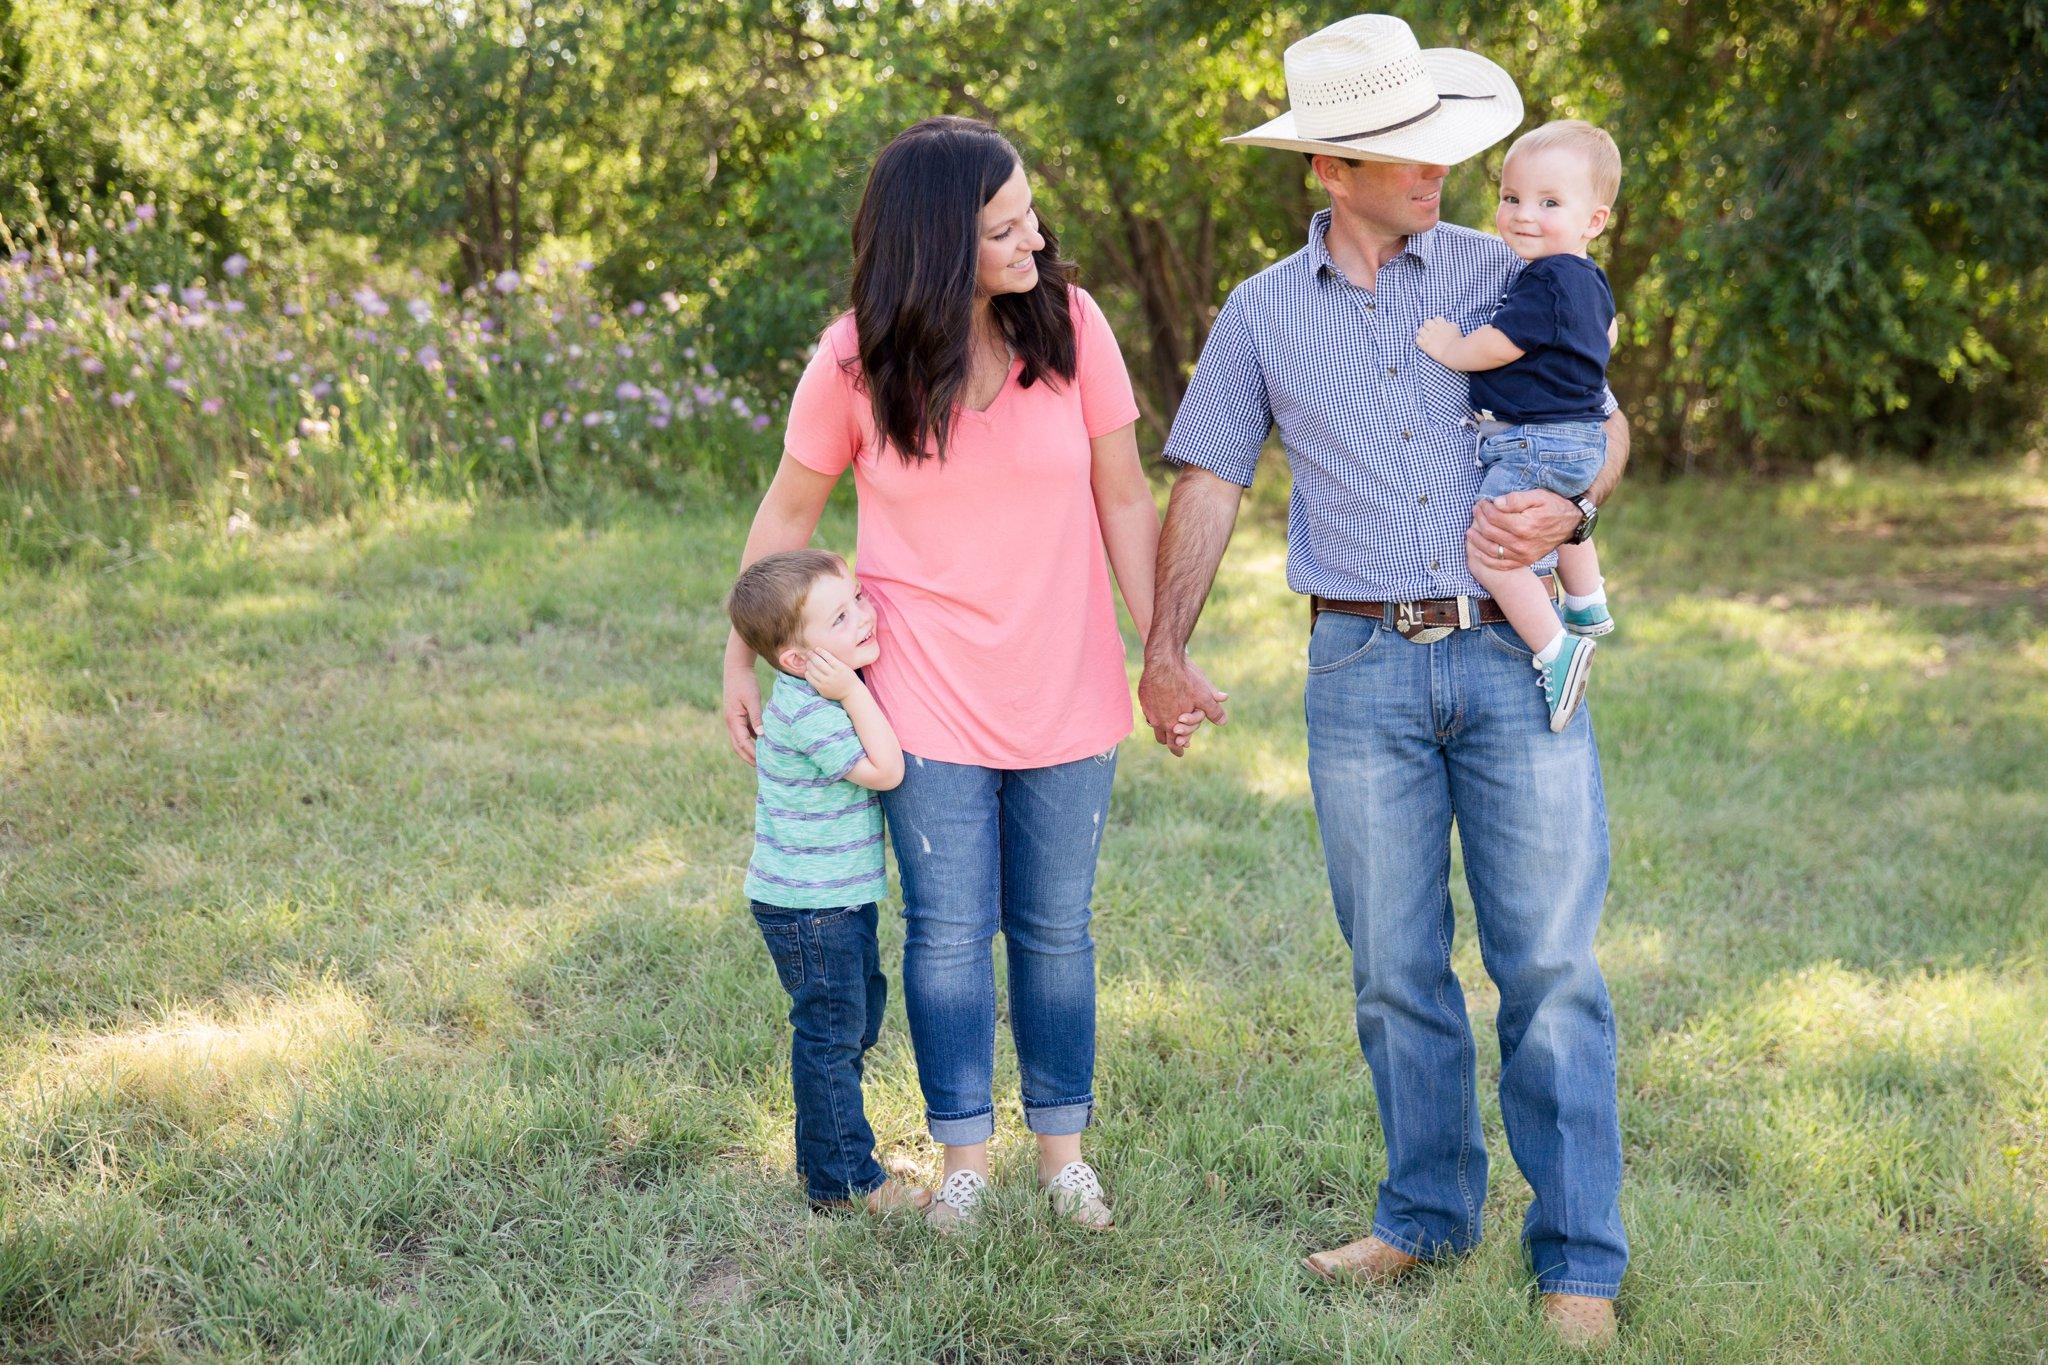 lubbock-family-photographer17.jpg